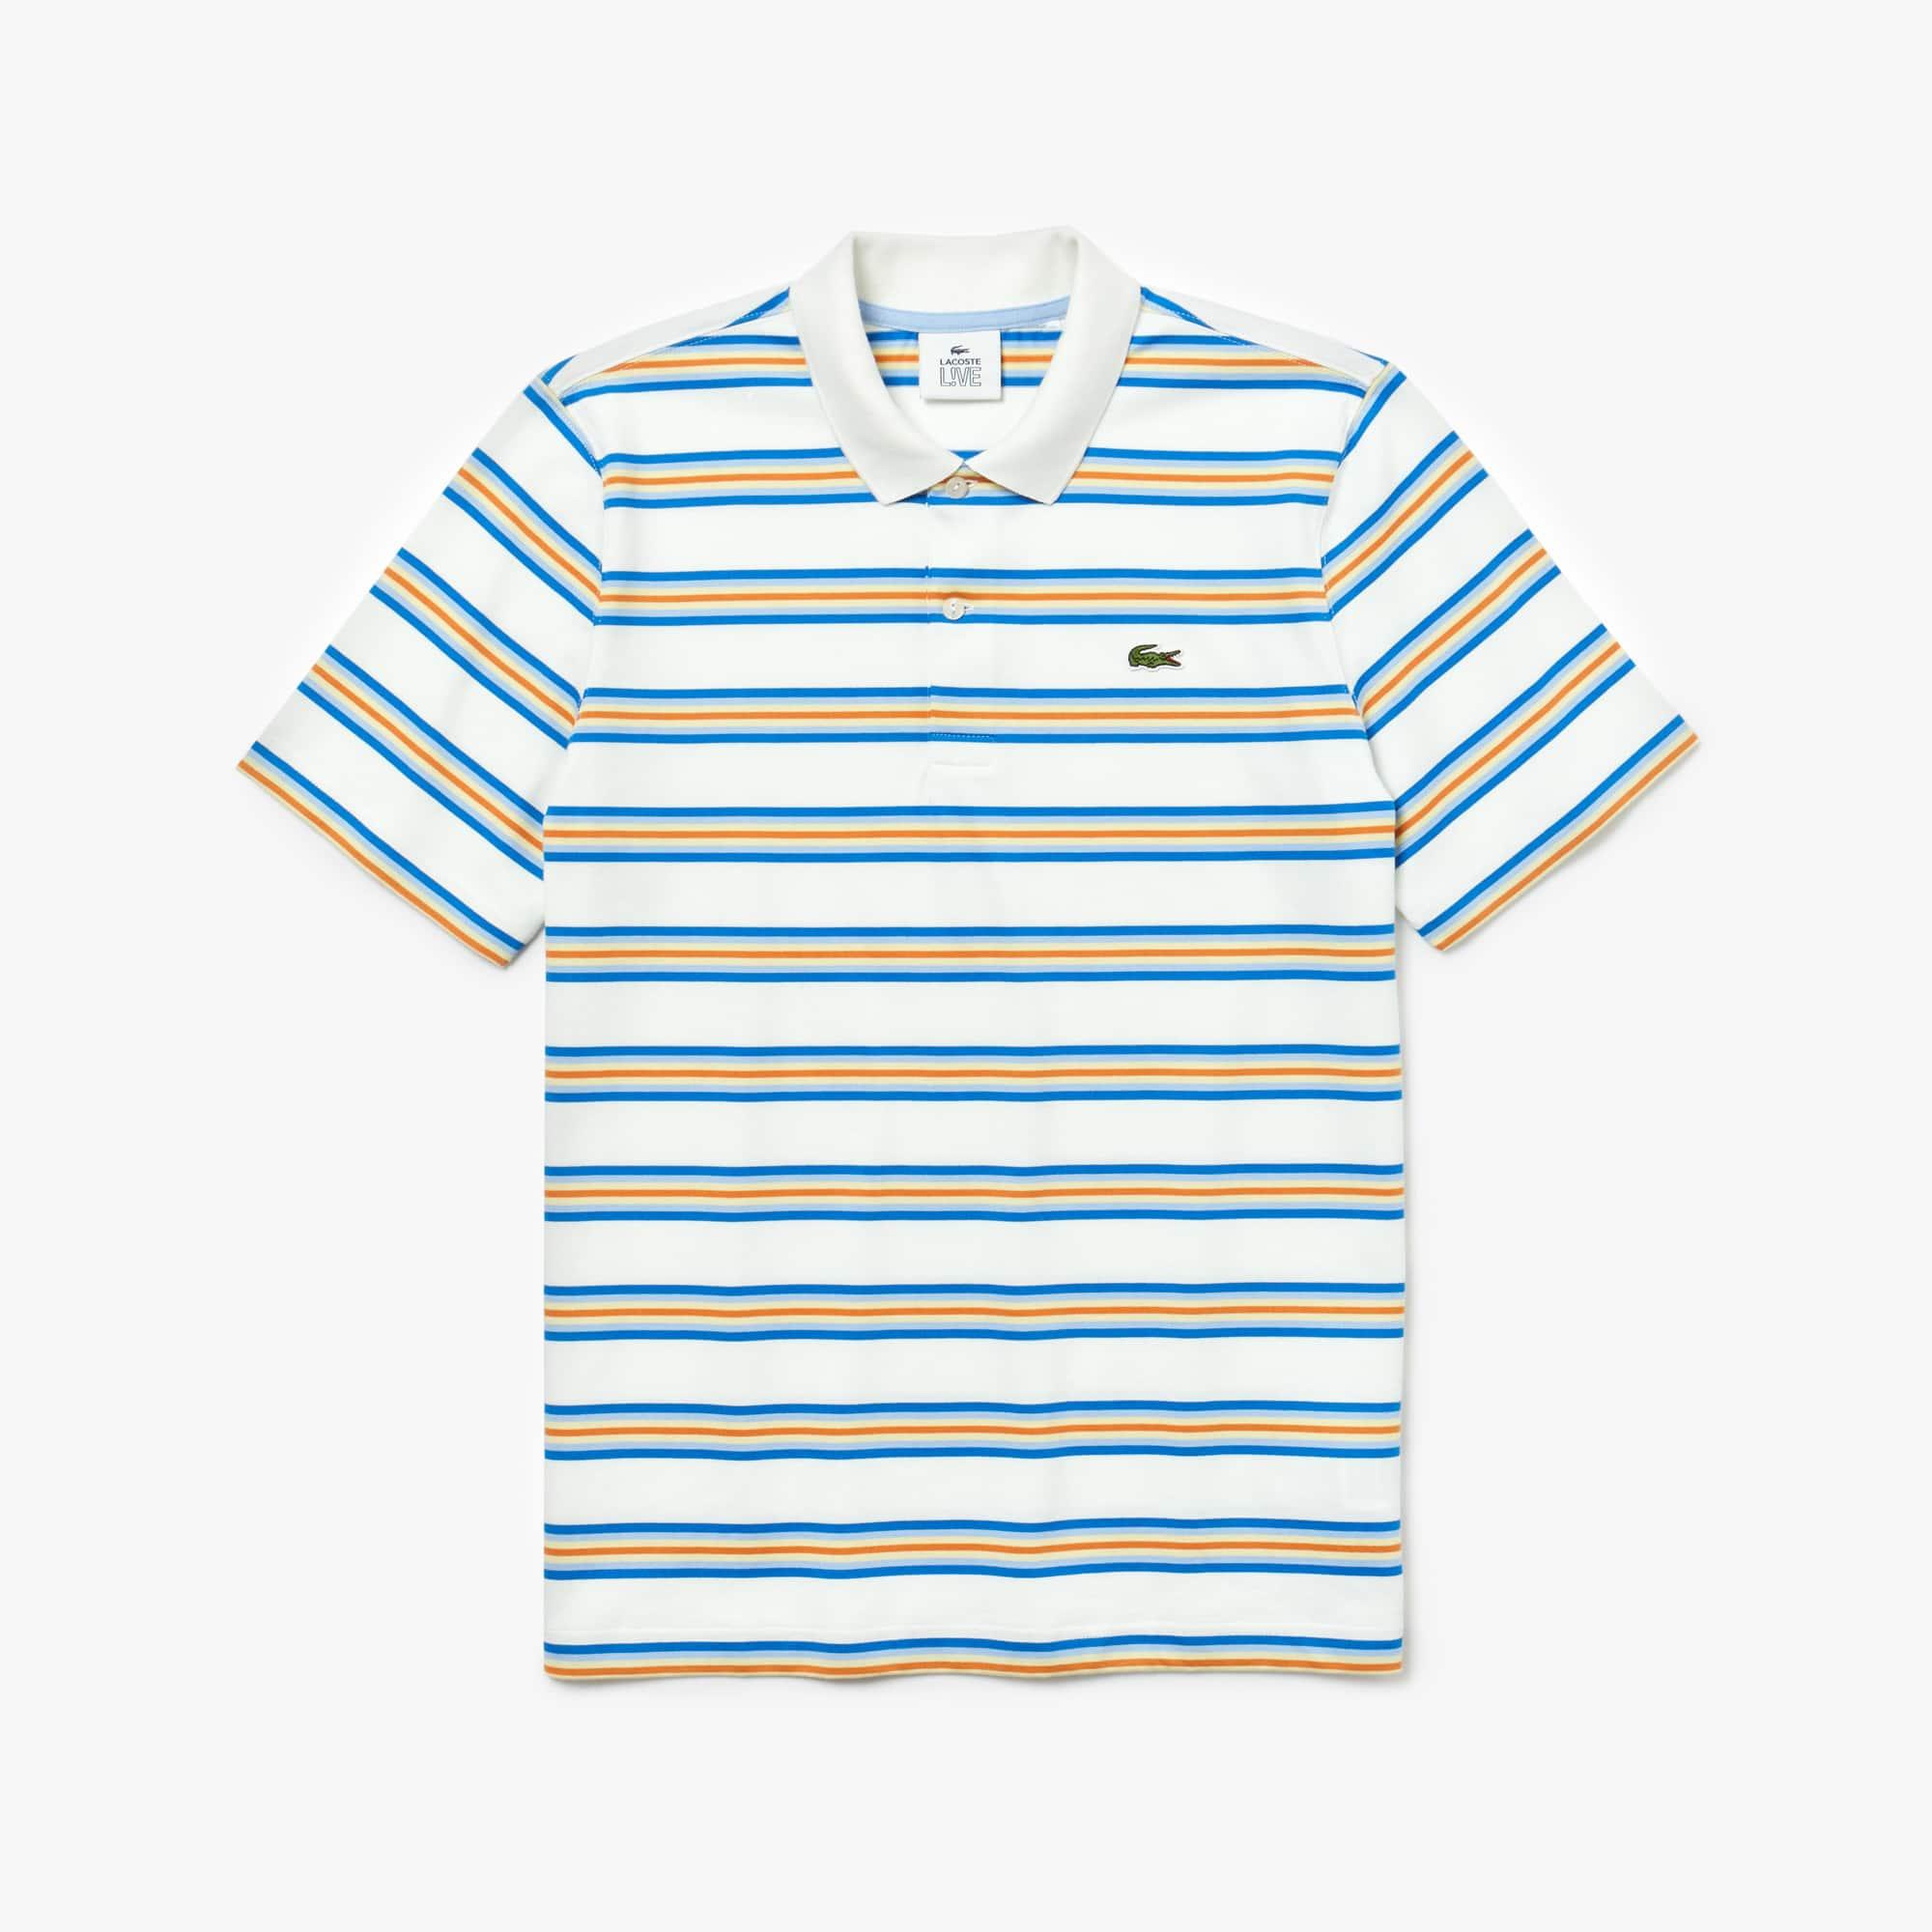 6d9efadb2e7 Camisa polo de algodão às riscas coloridas LIVE regular fit Lacoste para  homem